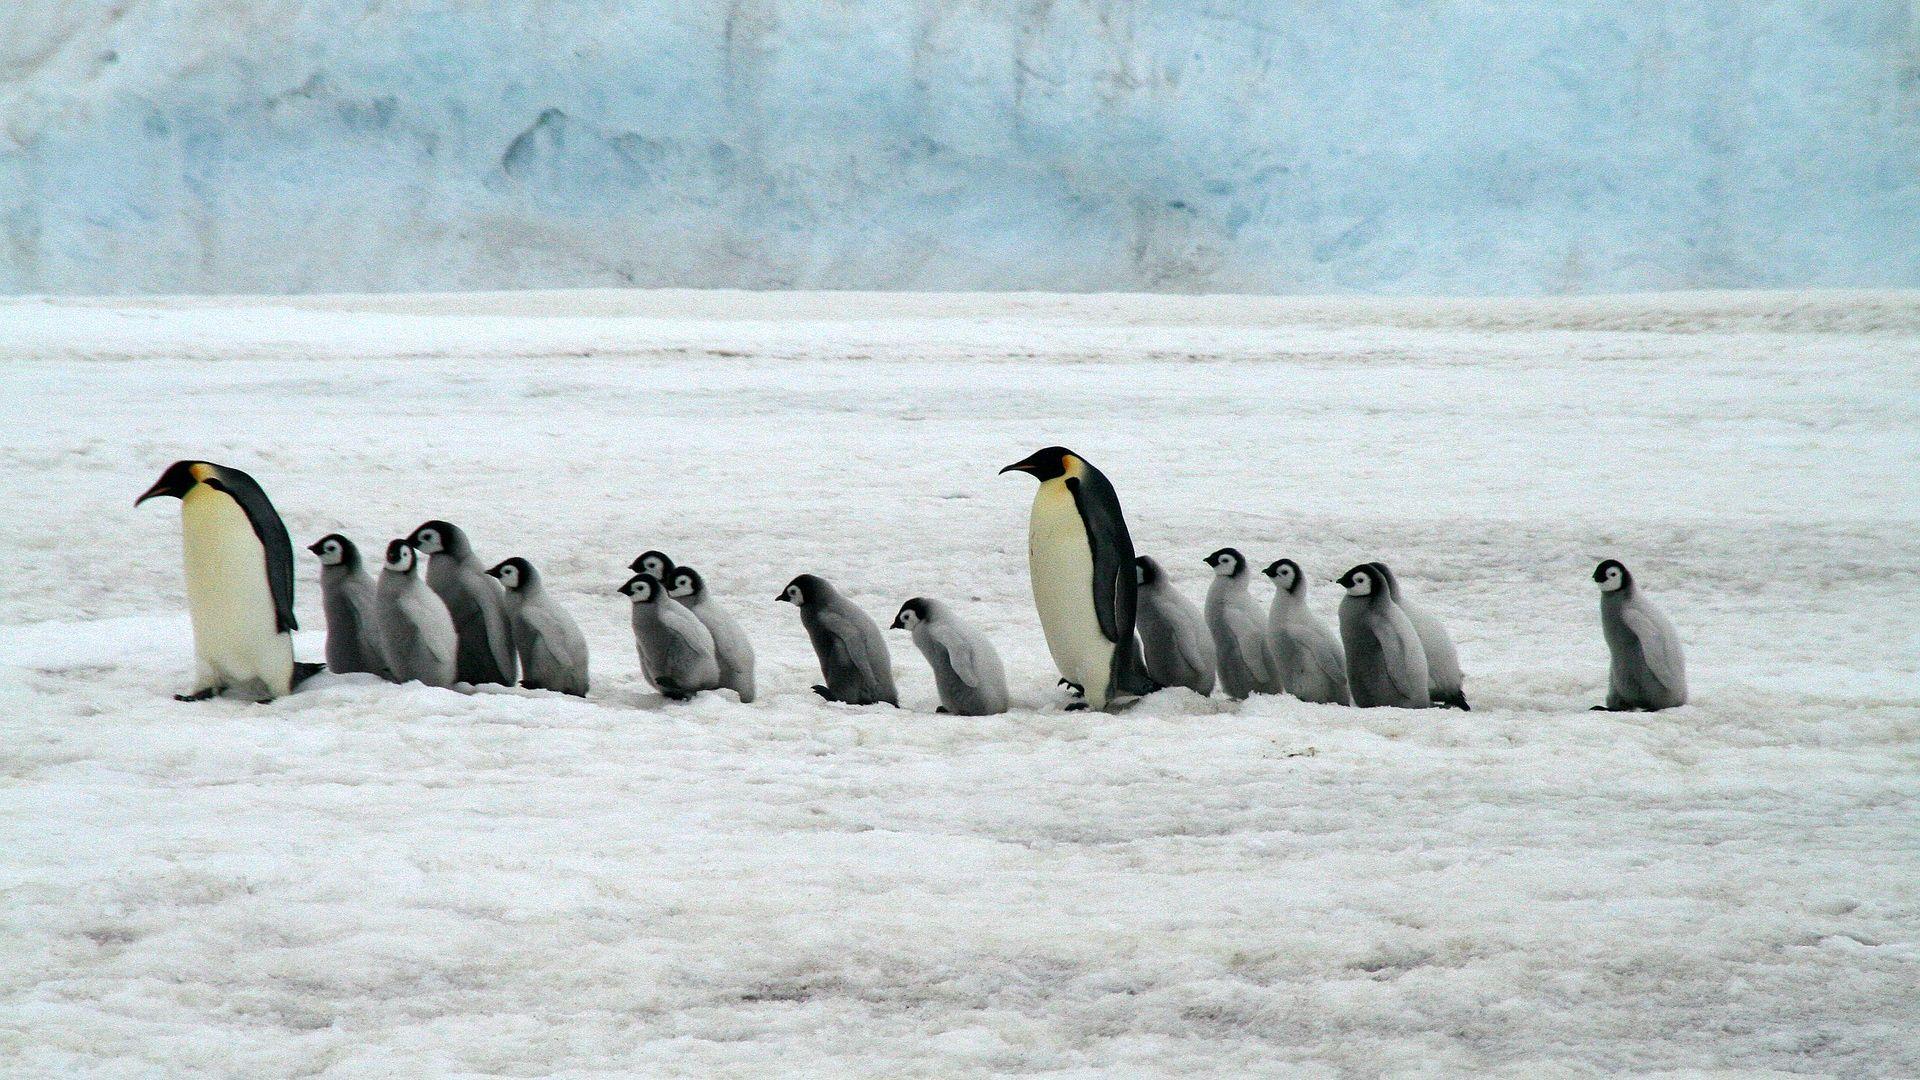 image penguins